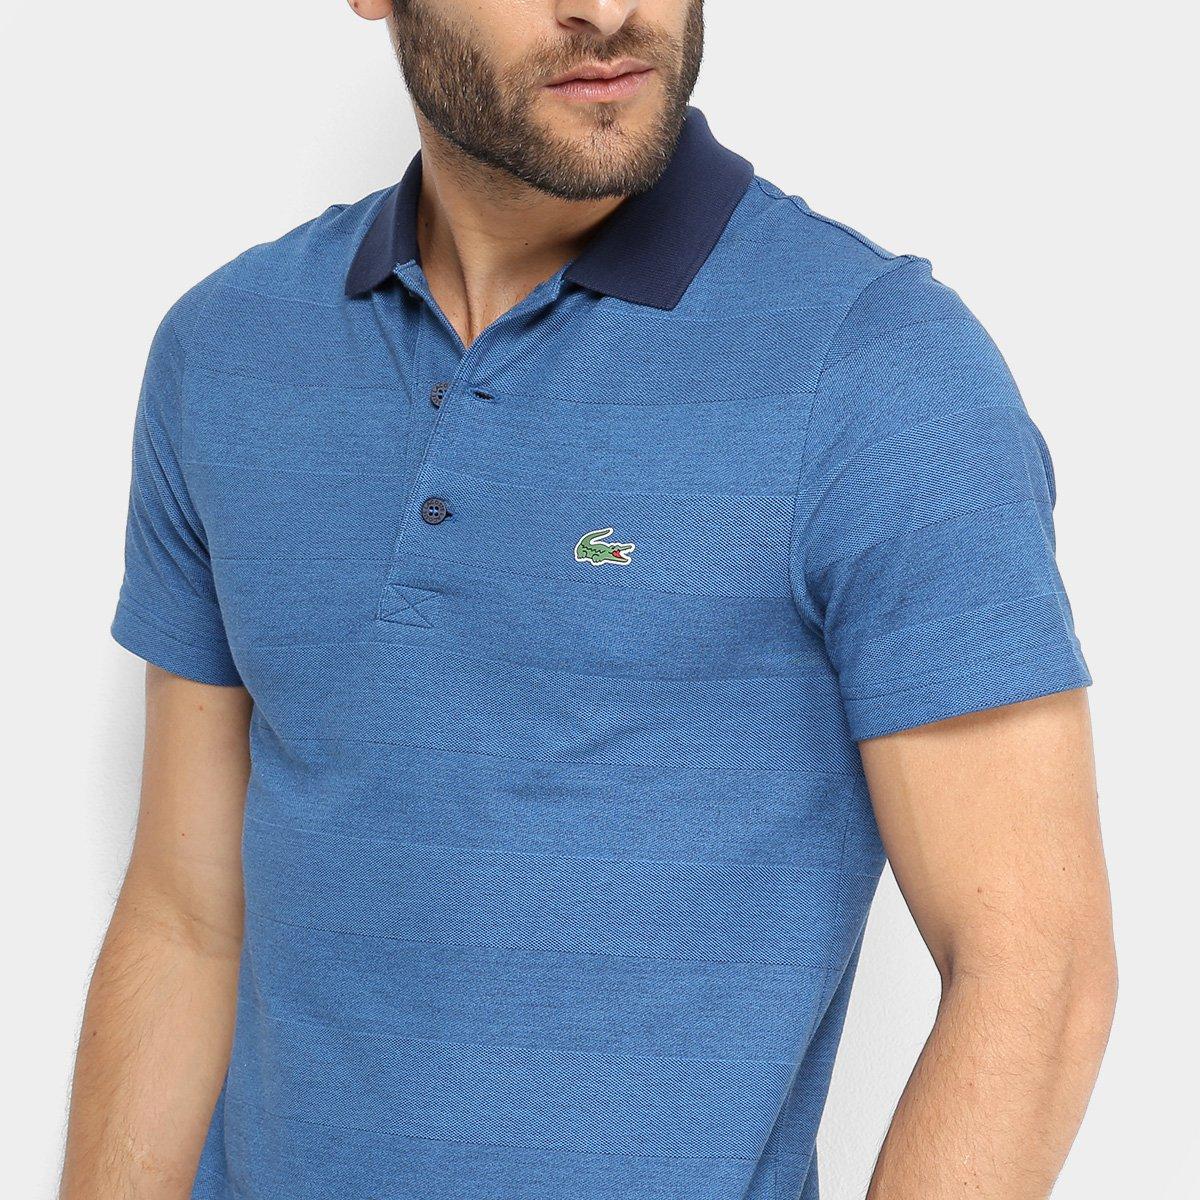 Camisa Polo Lacoste Básica Masculina - Marinho e Azul - Compre Agora ... 6f84f88e3f39c